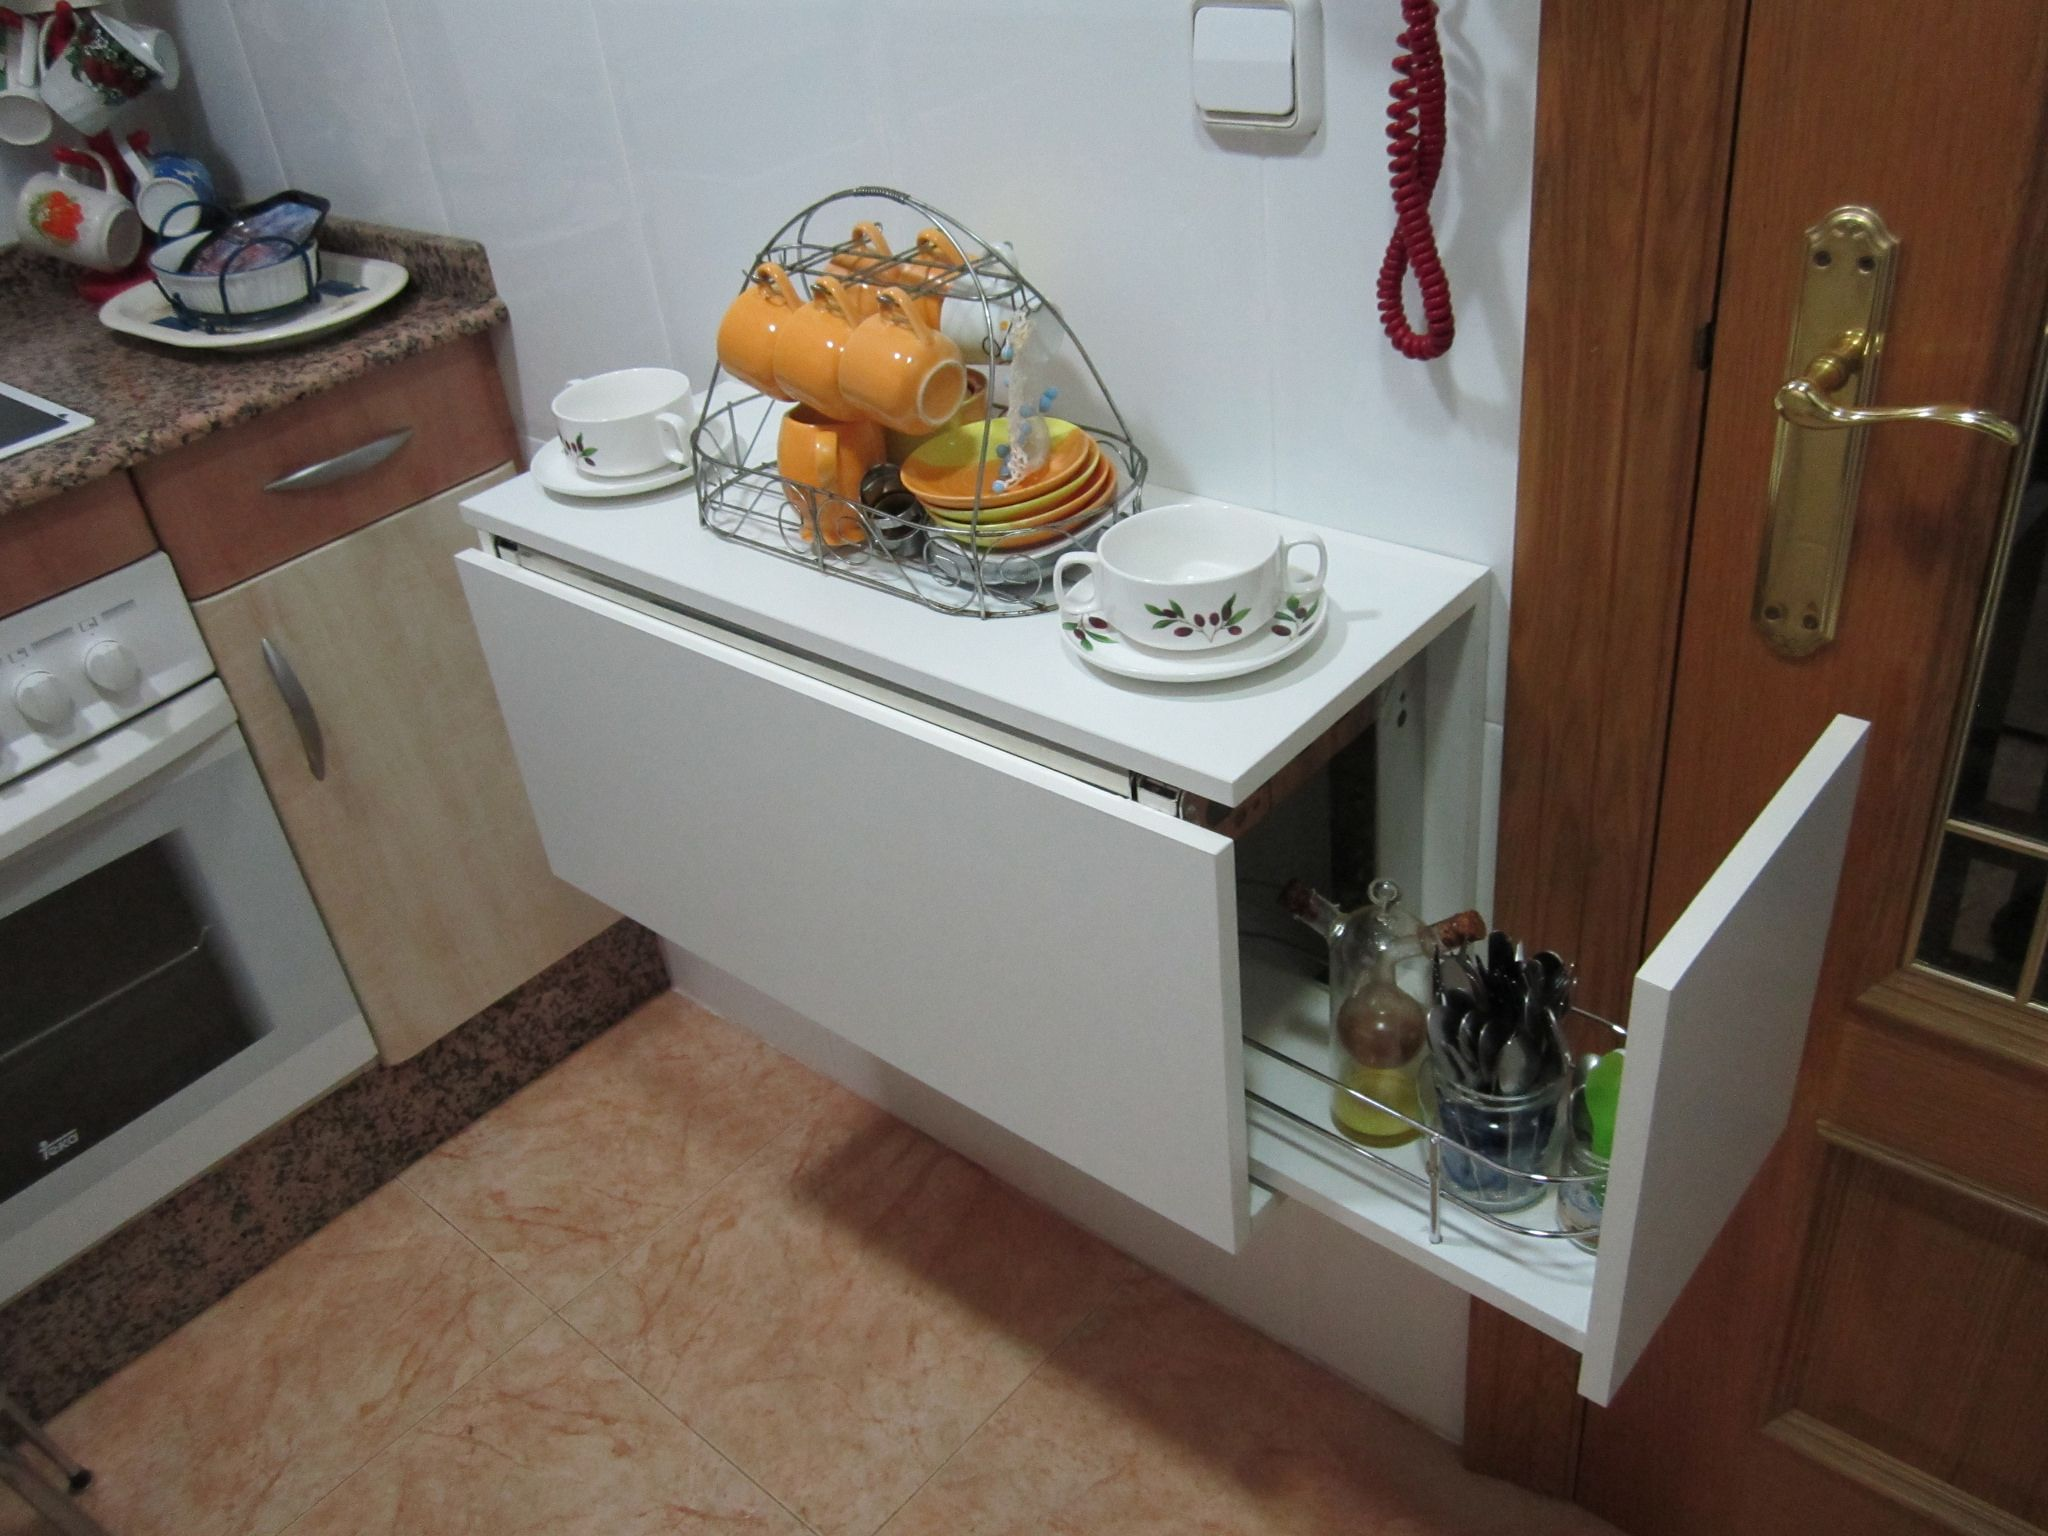 Mesa abatible en m dulo de cocina joster muebles - Modulos de cocina ...